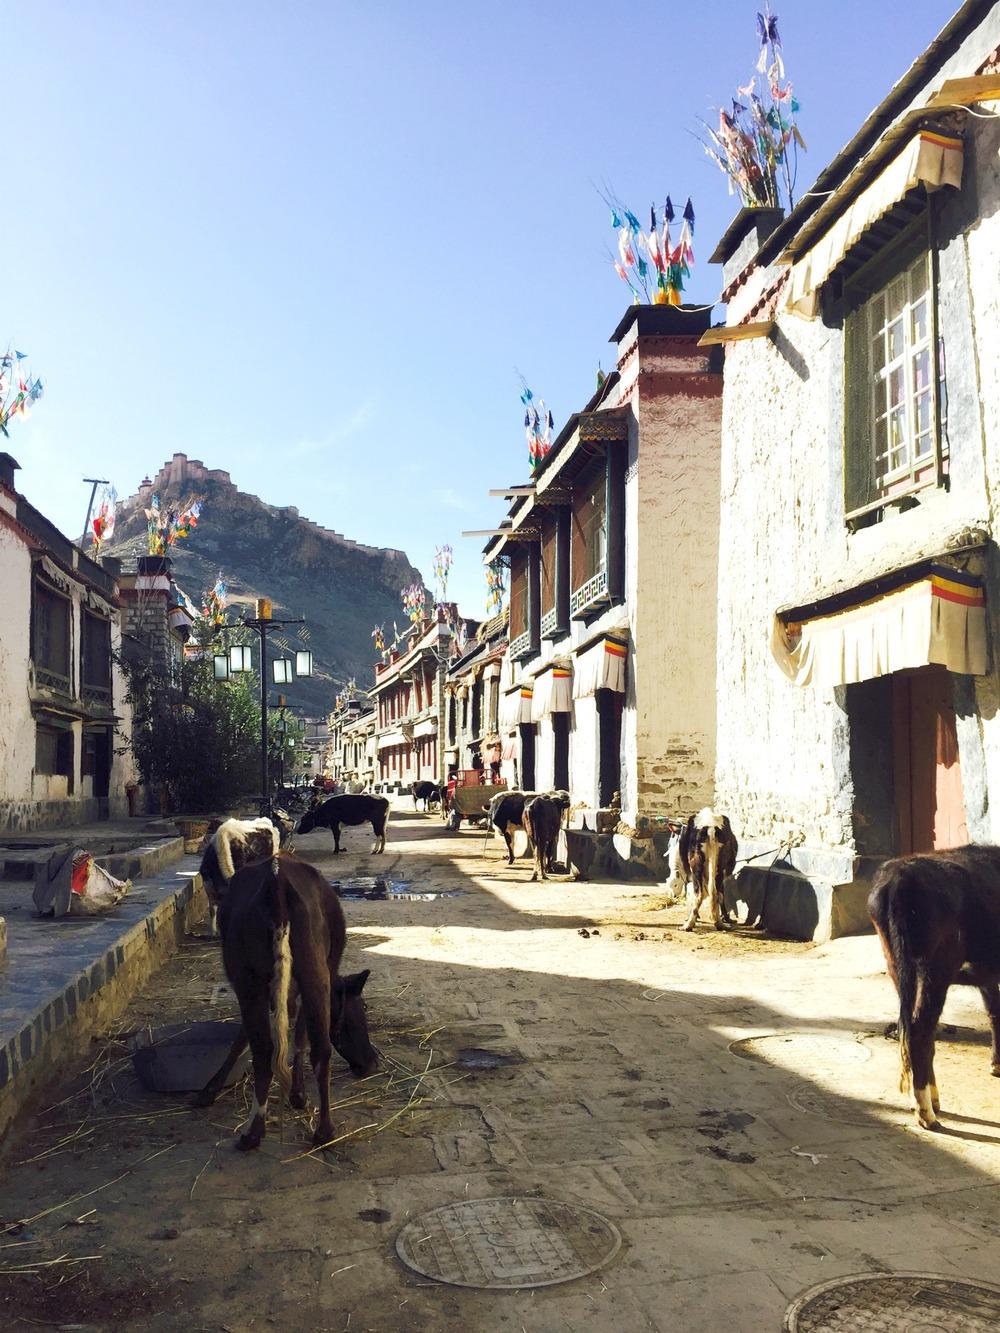 September 2015, Tsering Lhamo, Road to Tibet Travel